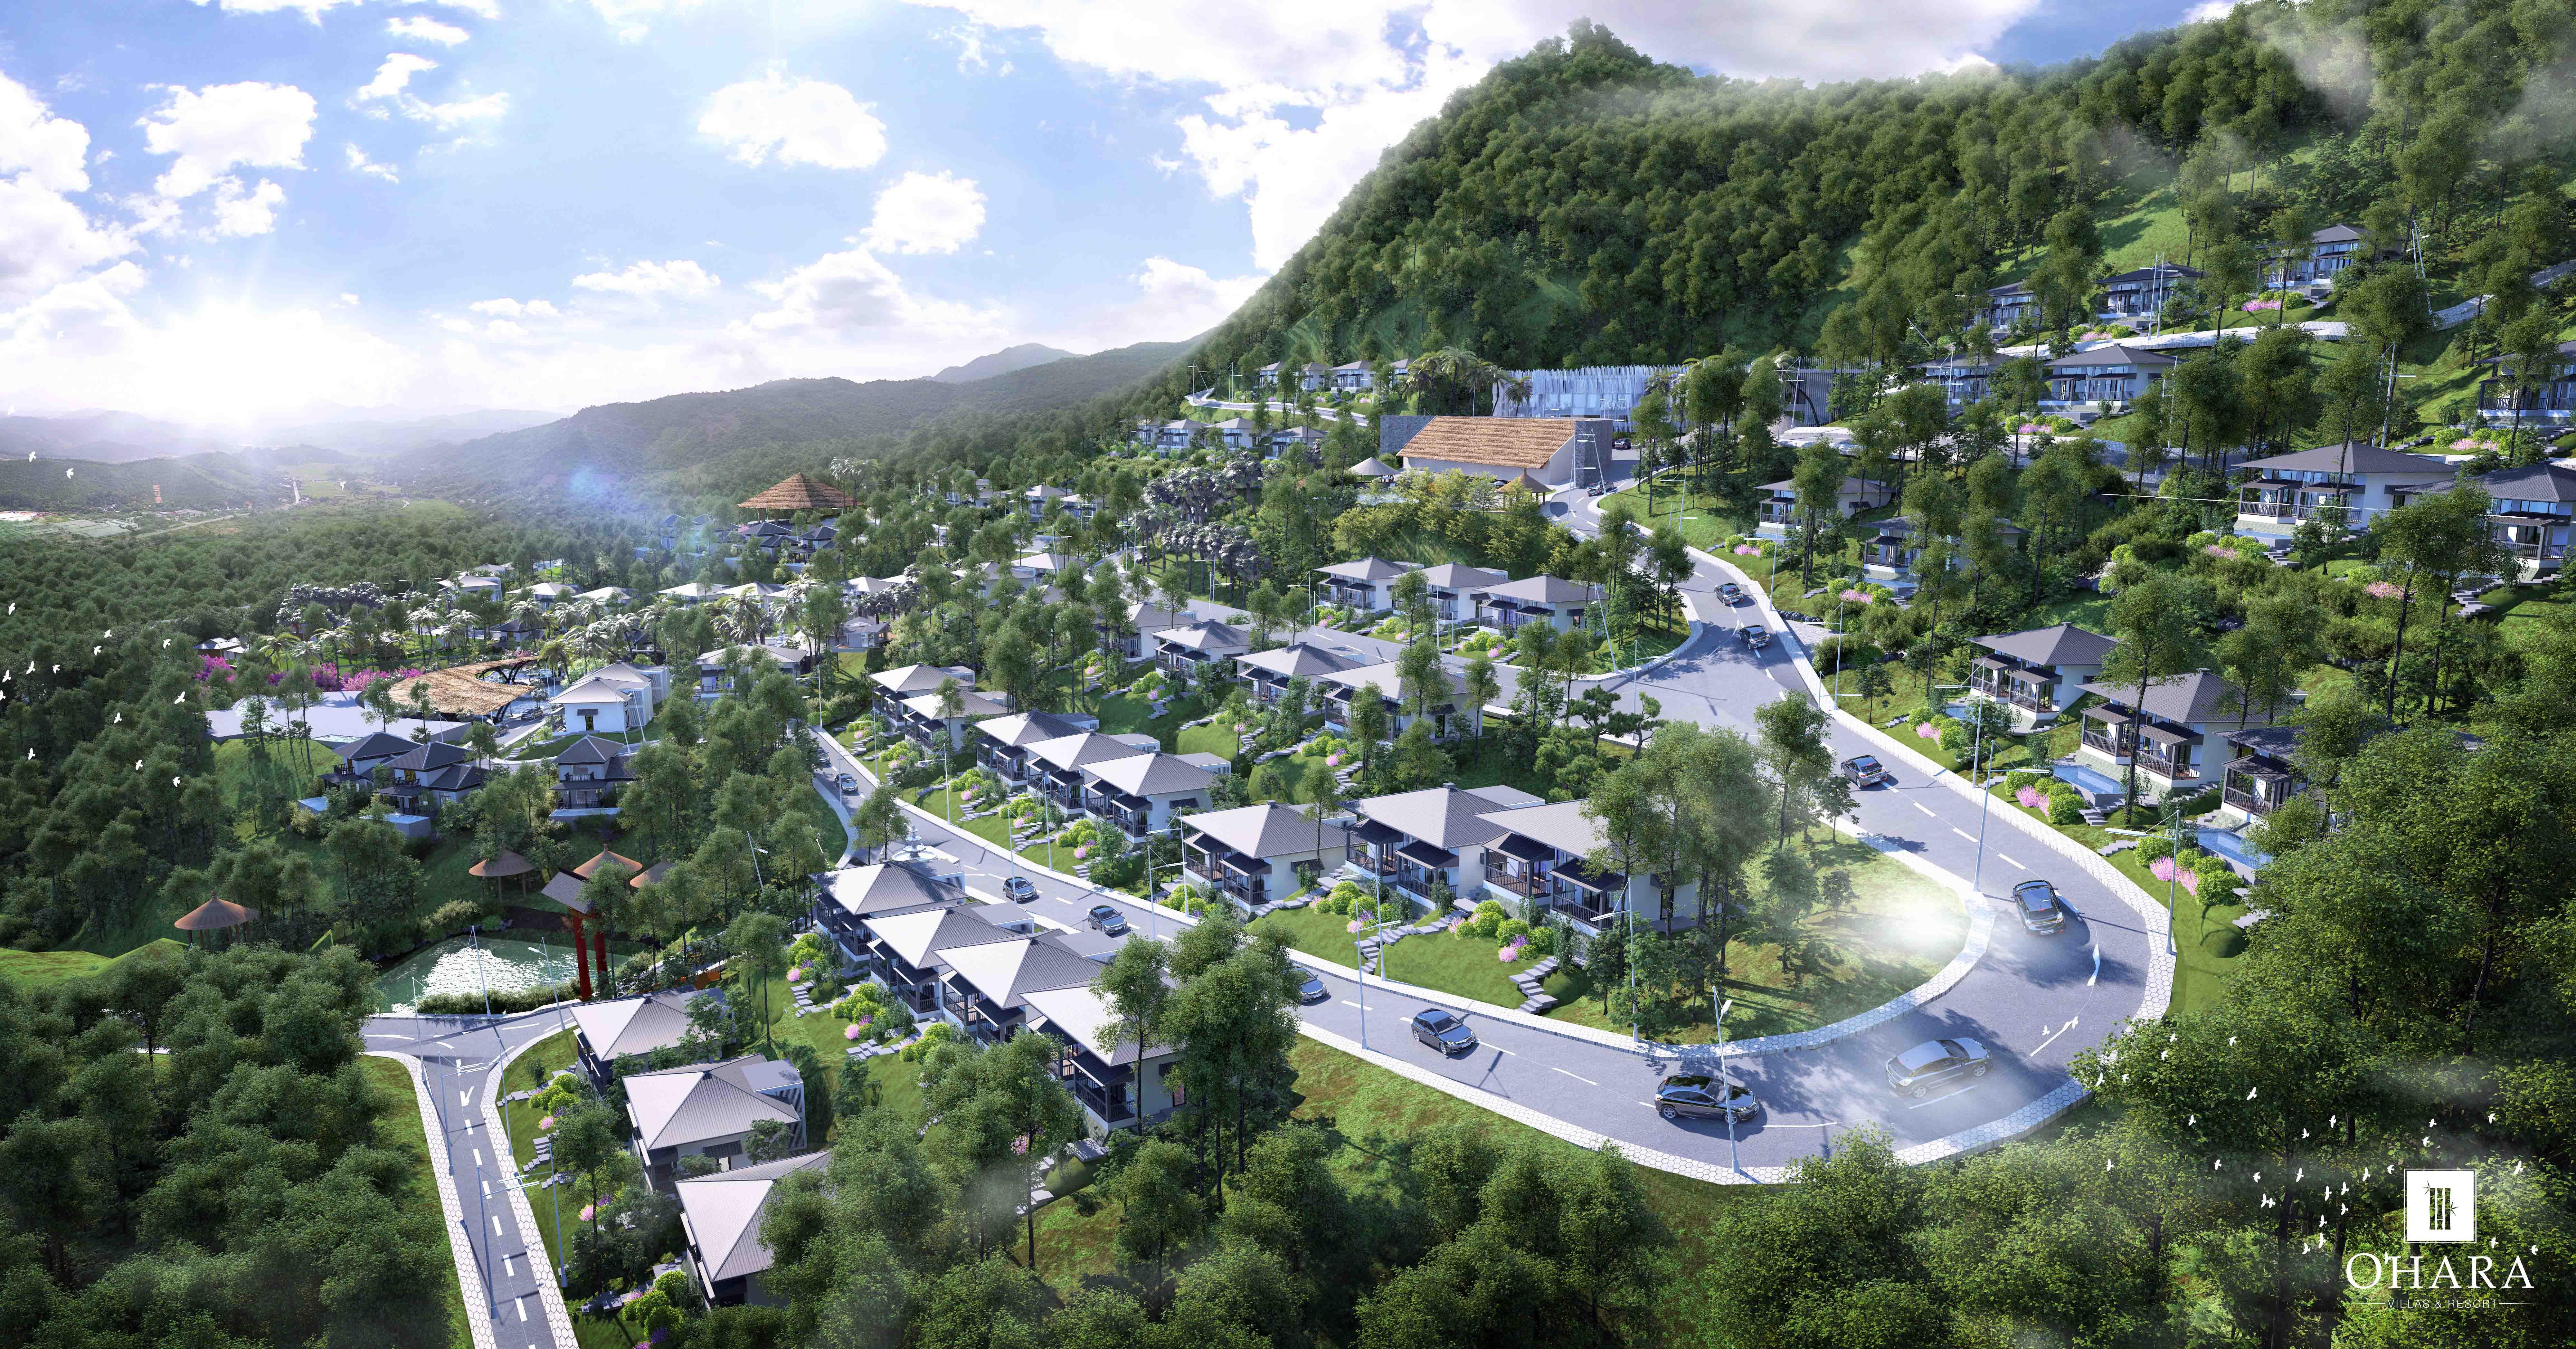 Sống nơi đất lành – Biệt thự nghỉ dưỡng hướng núi